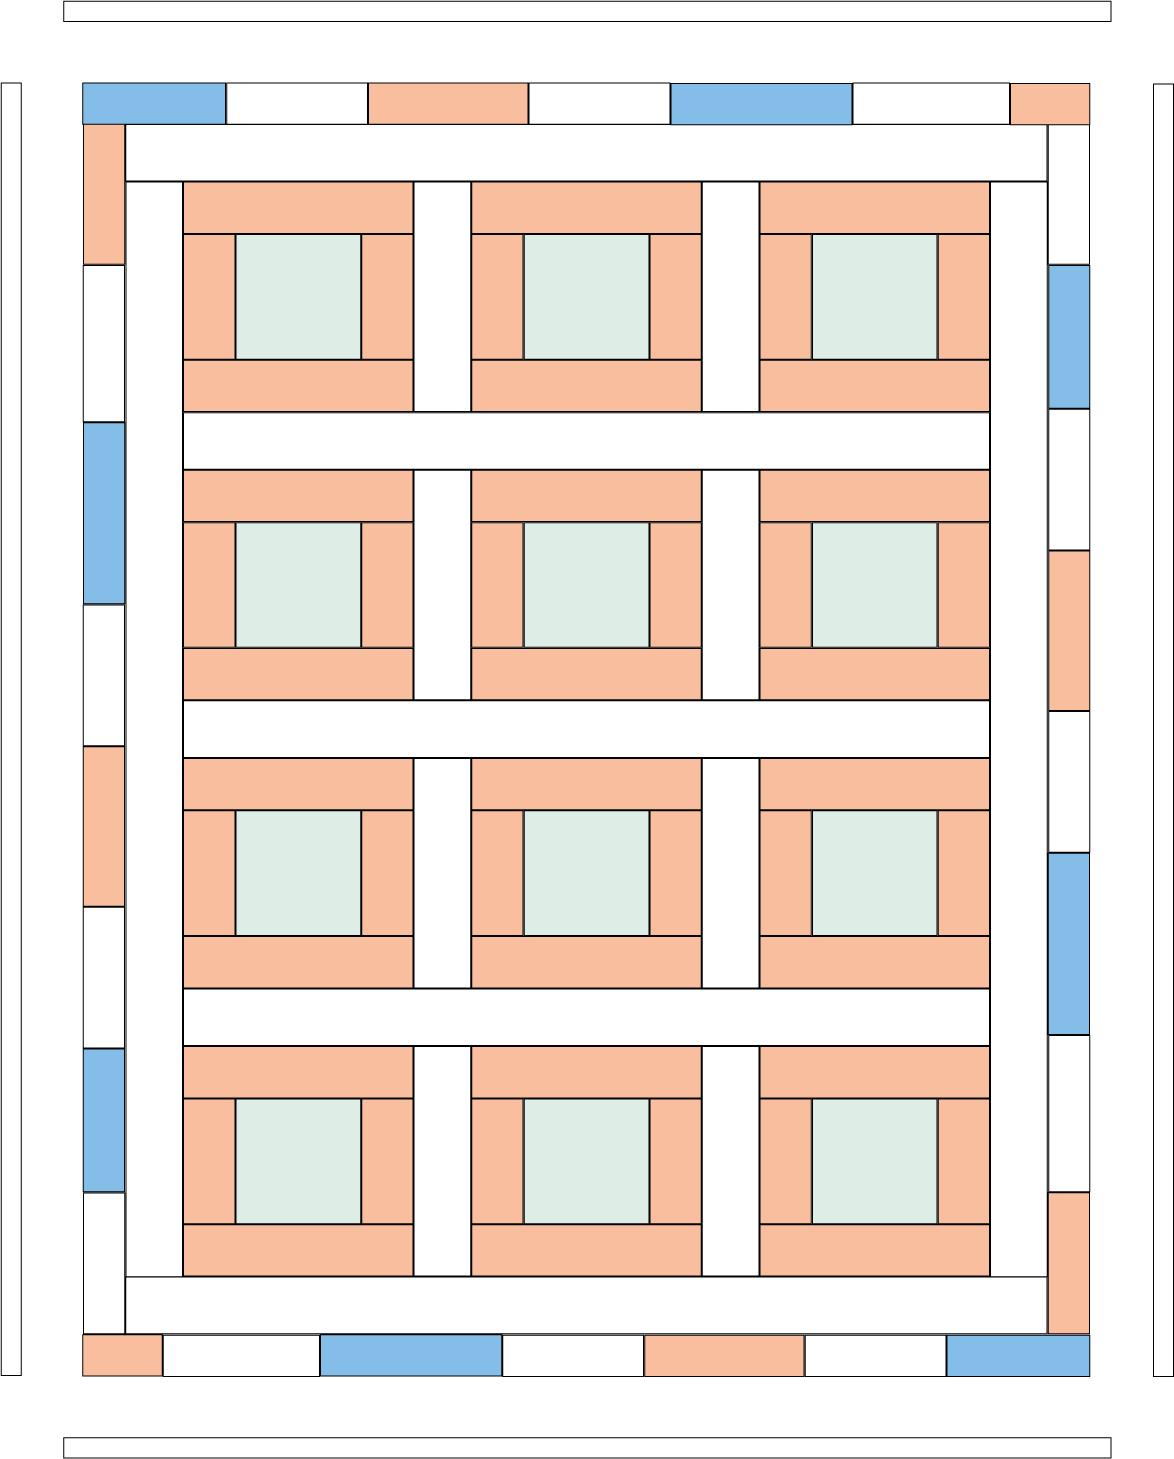 Pirate quilt - diagram 6